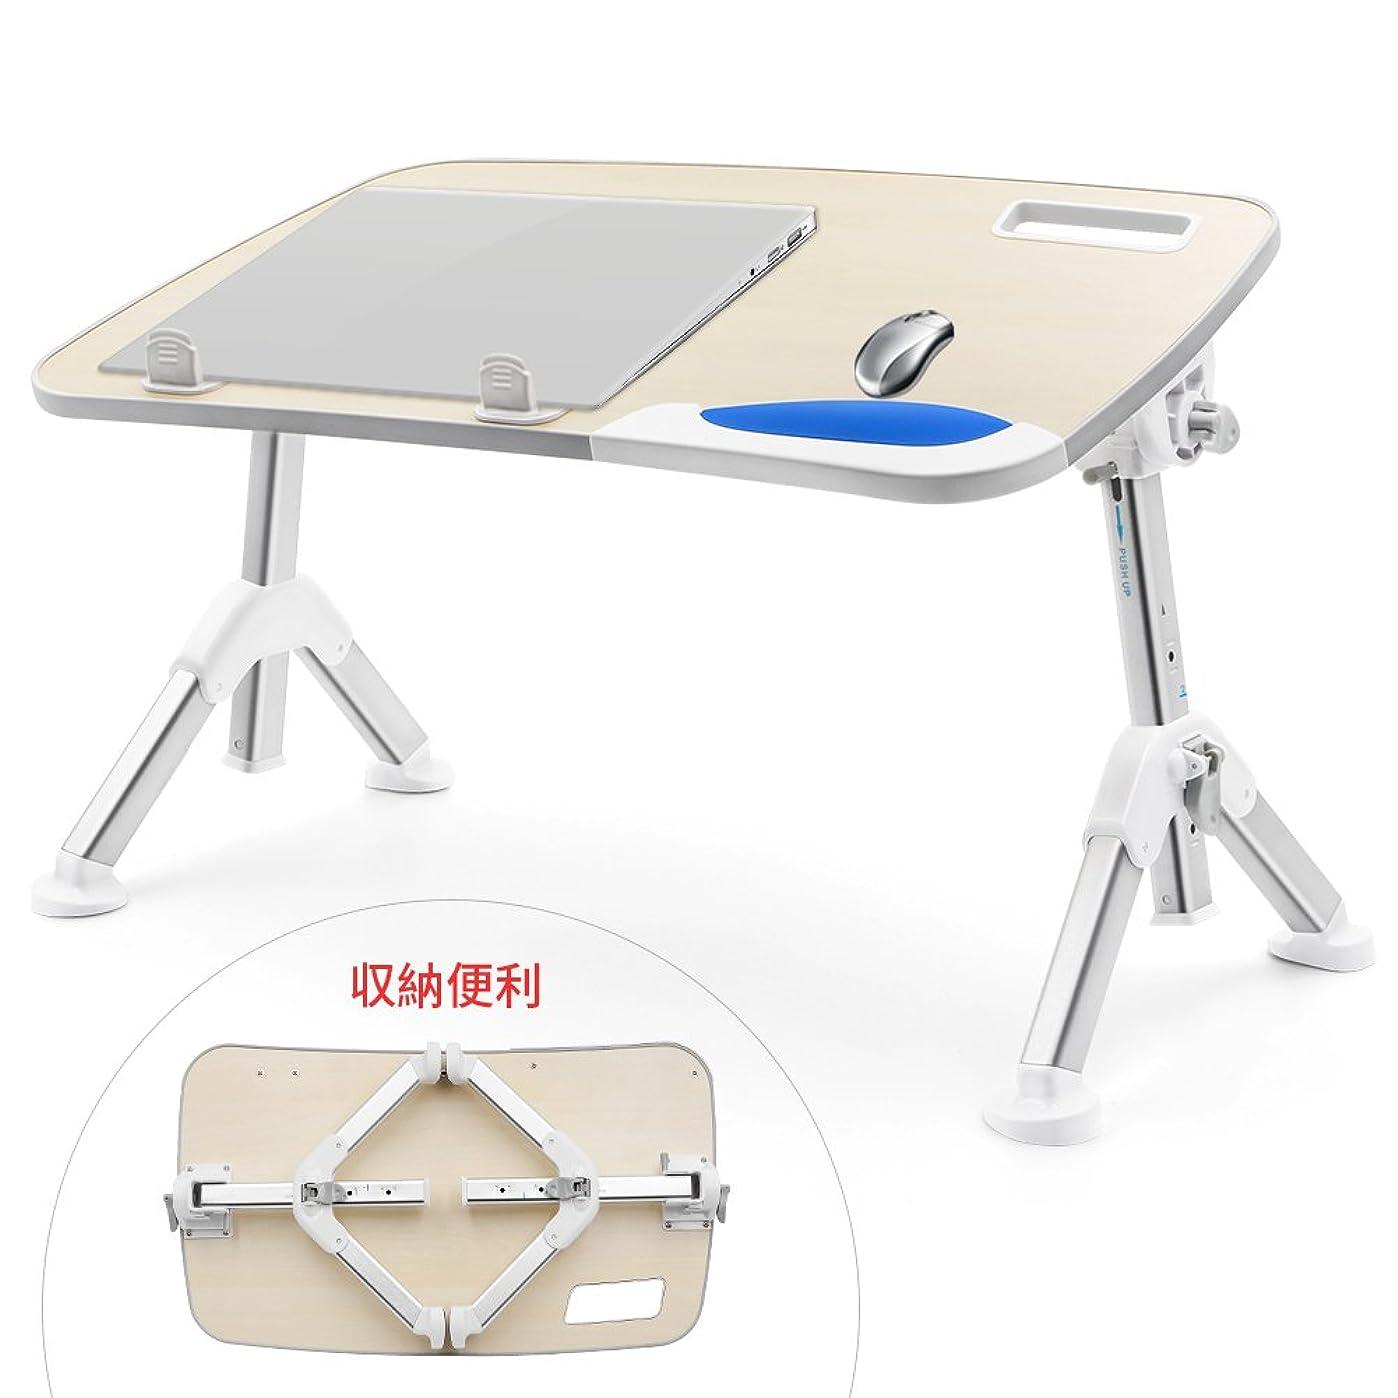 議論するクローゼットニックネームノートパソコン スタンド 超薄い 折り畳み式 携帯便利 角度調整可能 11.6-15.6インチまで対応/Macbook/Surface/iPad/タブレット 4色選択可能(グレー)